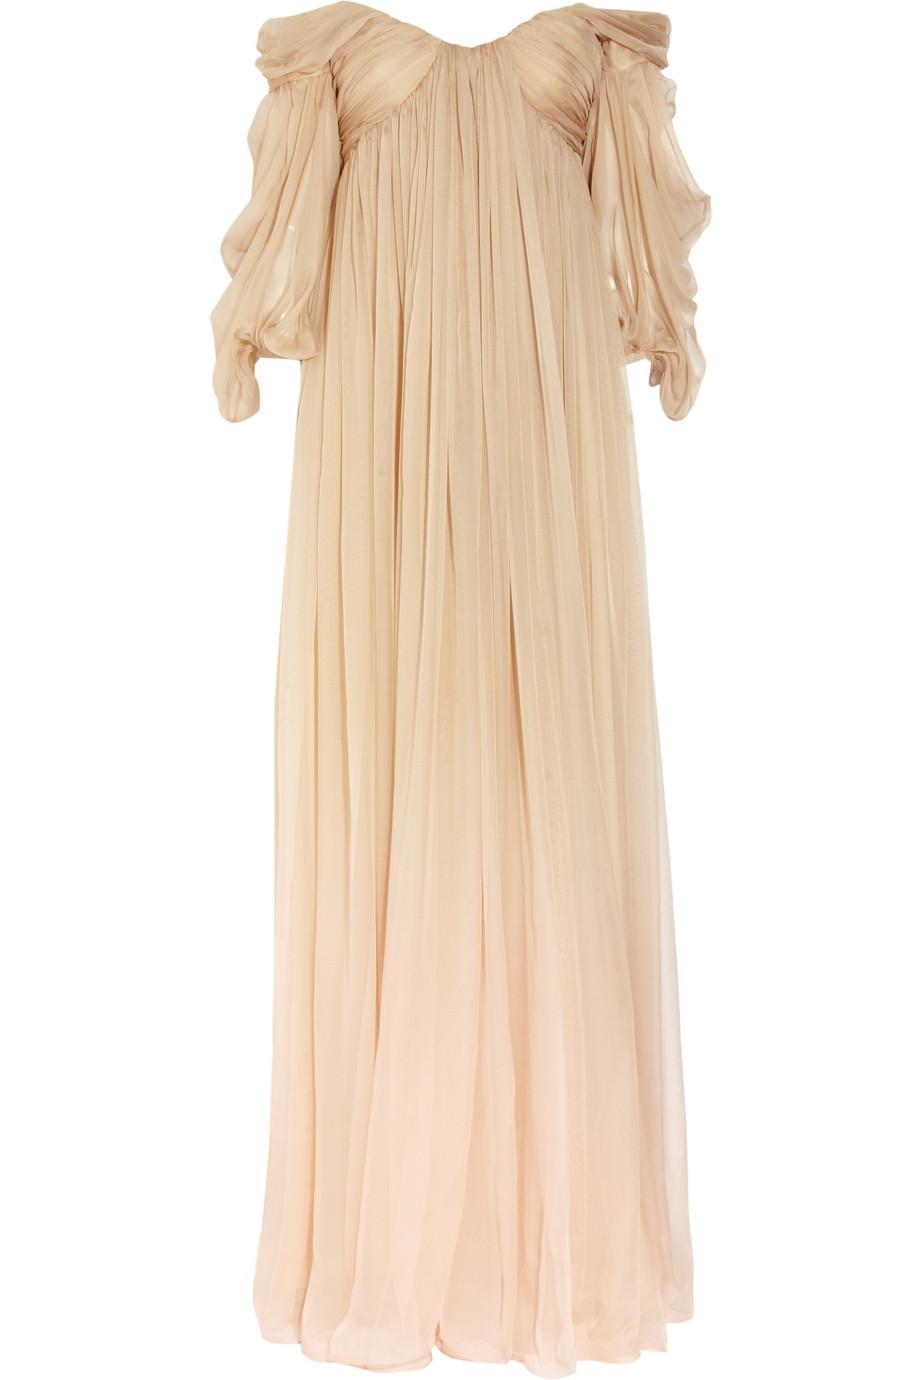 Alexander Mcqueen Degrad 233 Silk Chiffon Gown In Beige